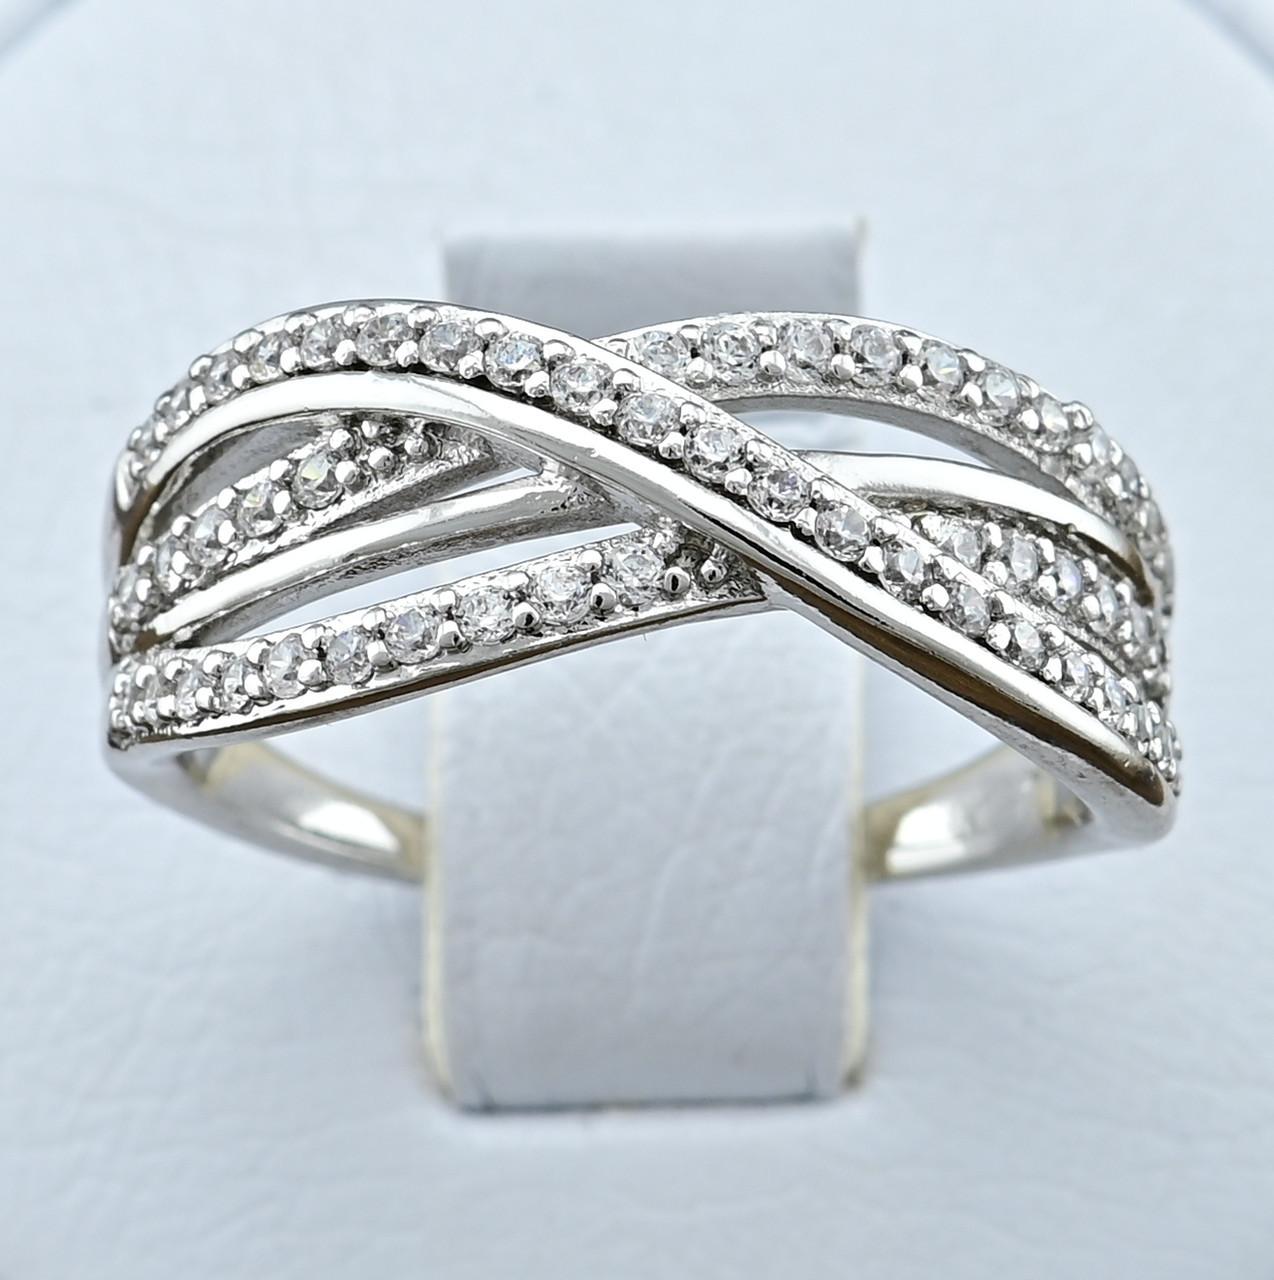 Кольцо Xuping 14351 размер 18 ширина 8 мм вес 3.2 г белые фианиты позолота Белое золото